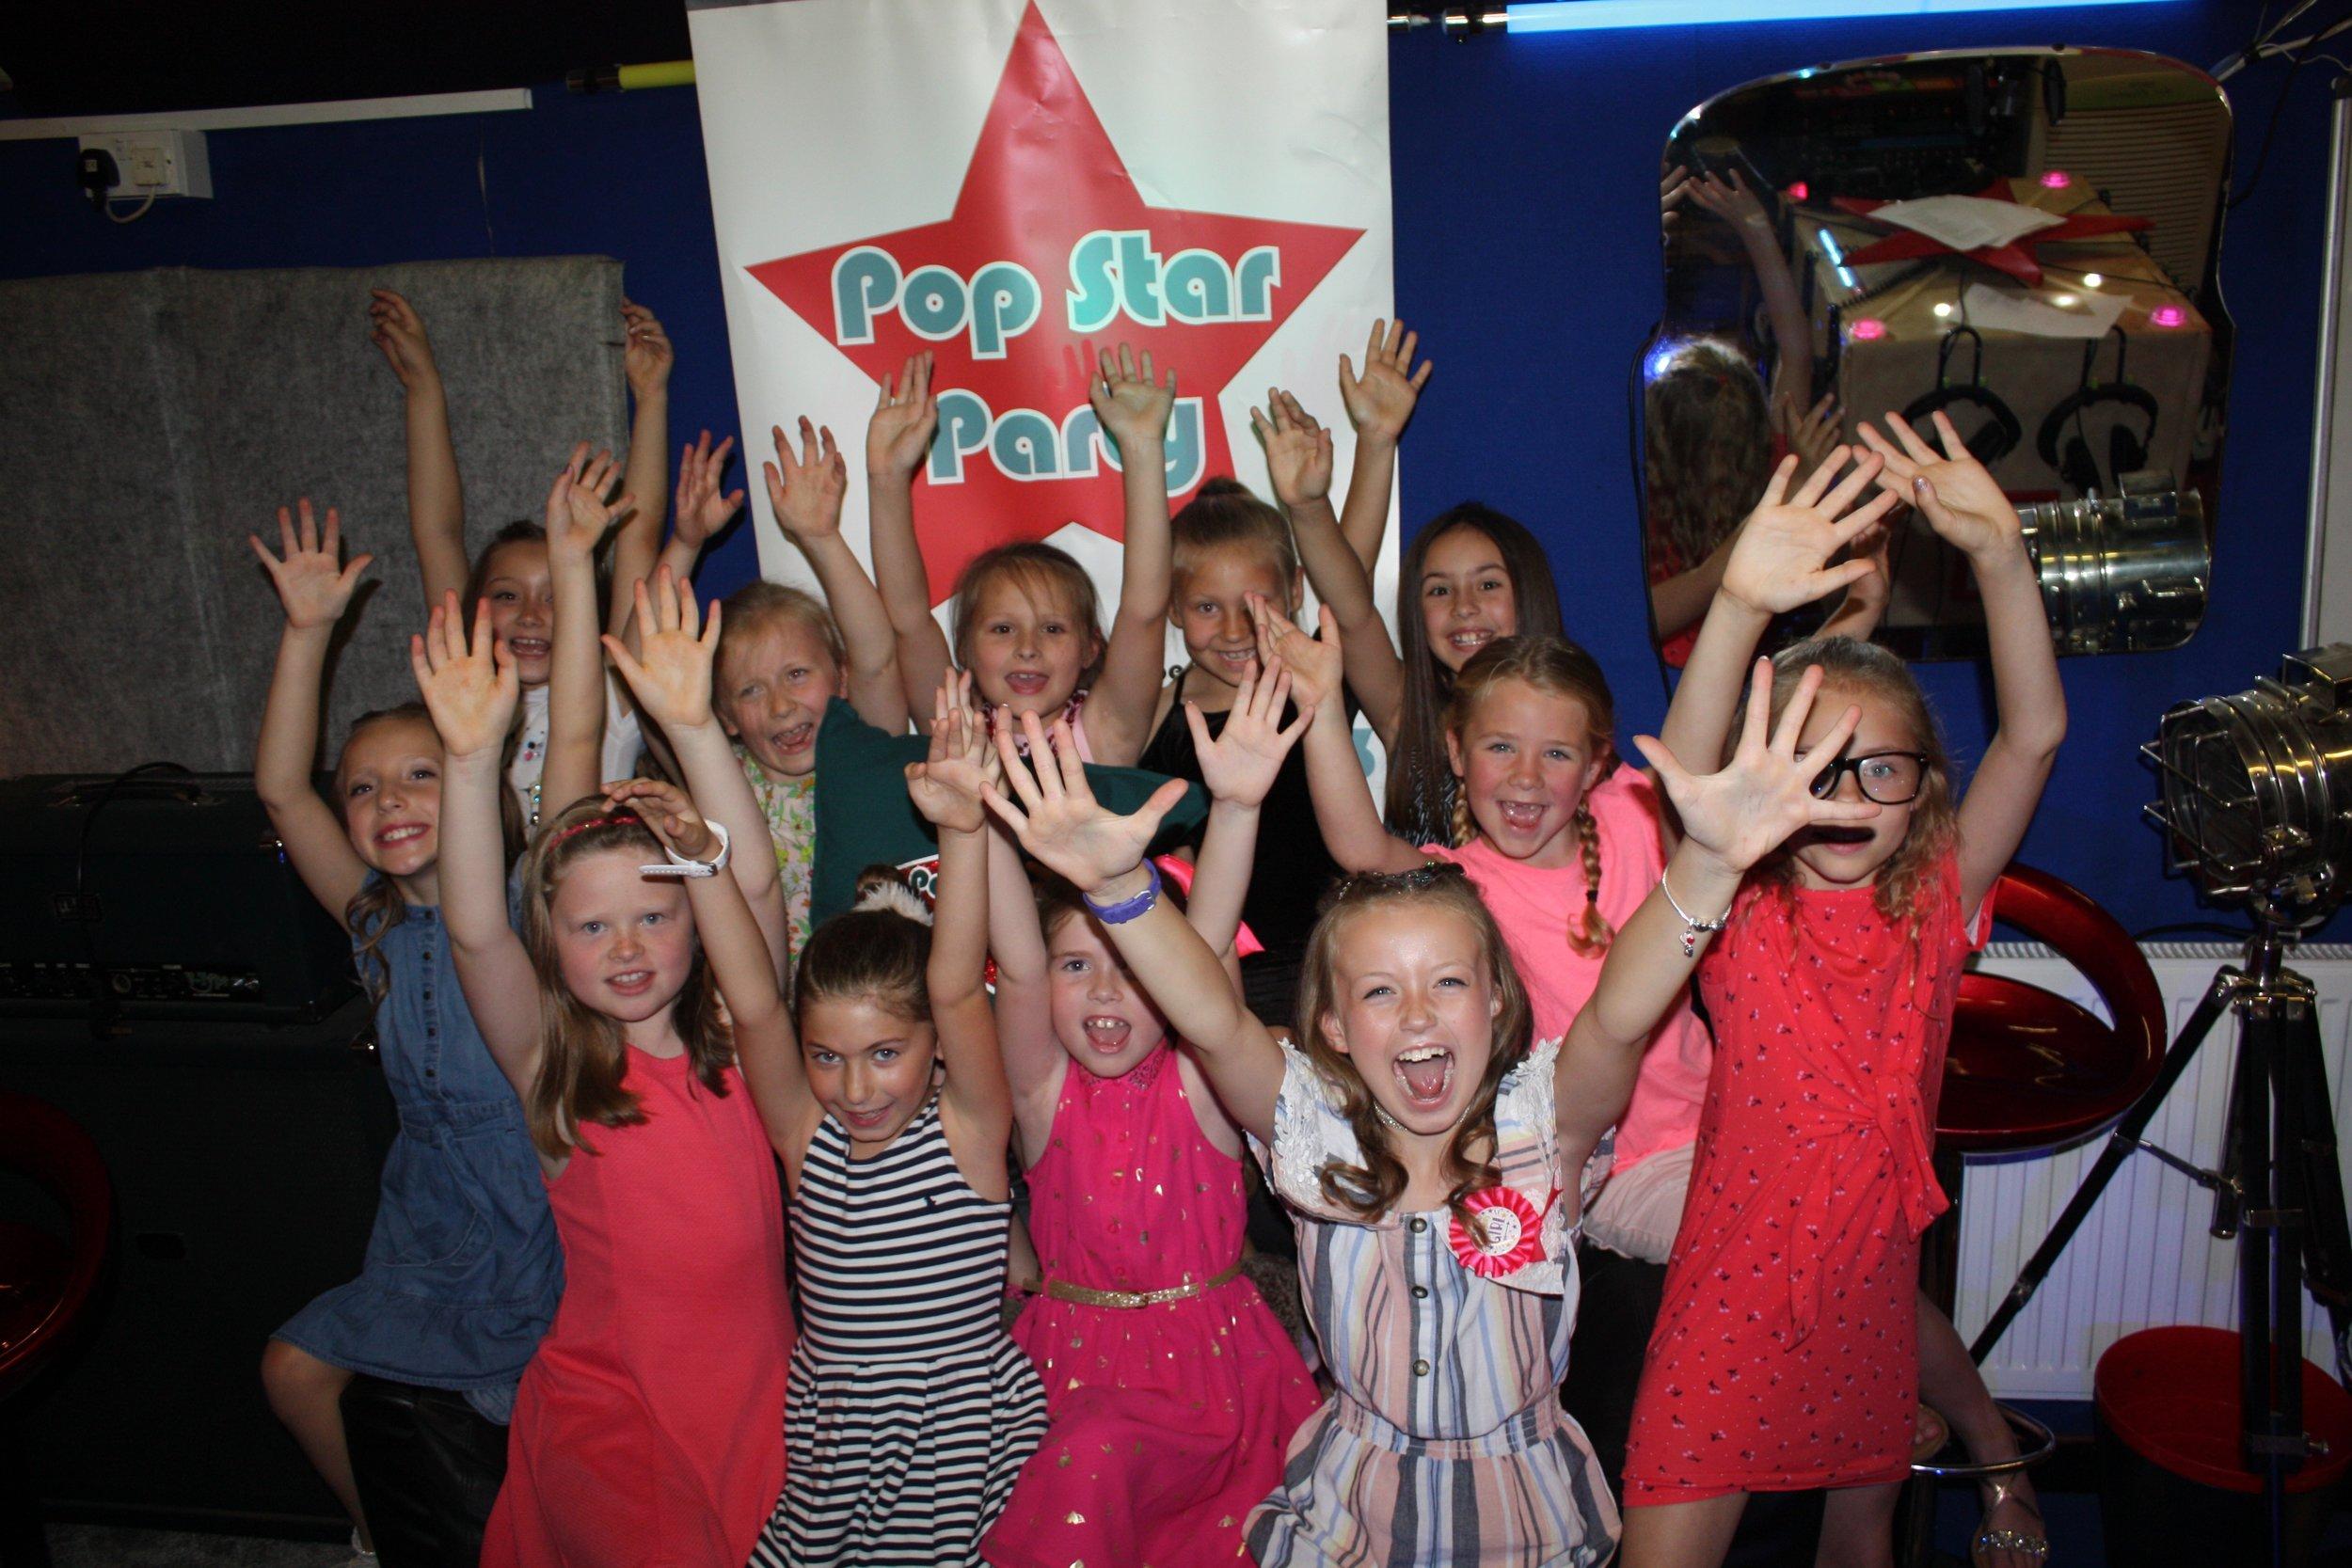 Pop Star Party Macie 8e.jpg